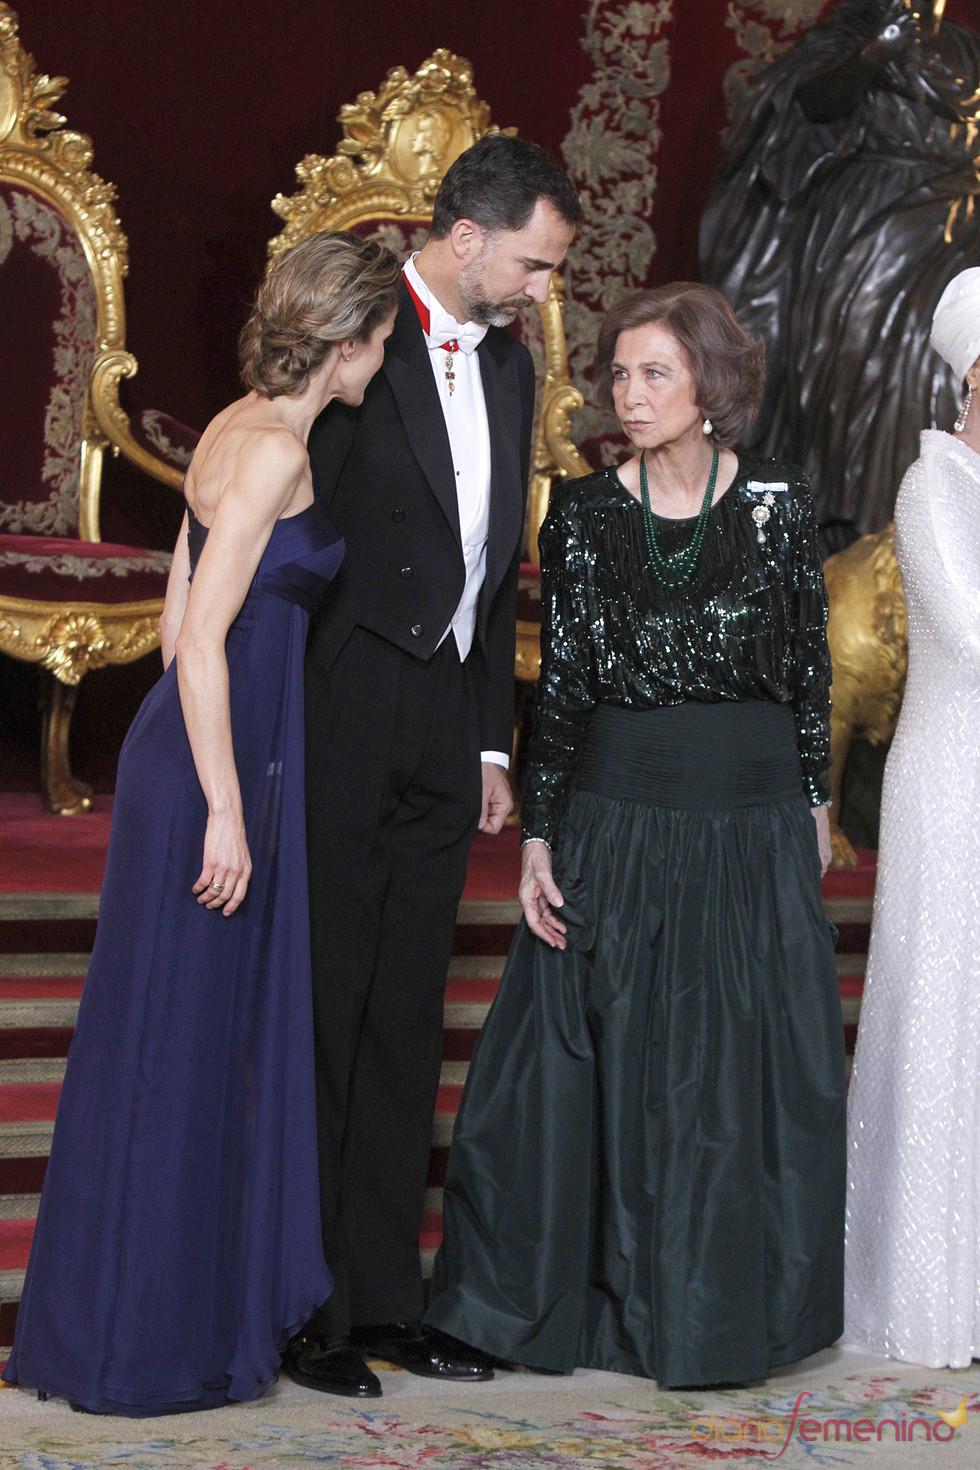 La Reina Sofía charla con los Príncipes de Asturias en la cena de gala en honor al emir de Qatar